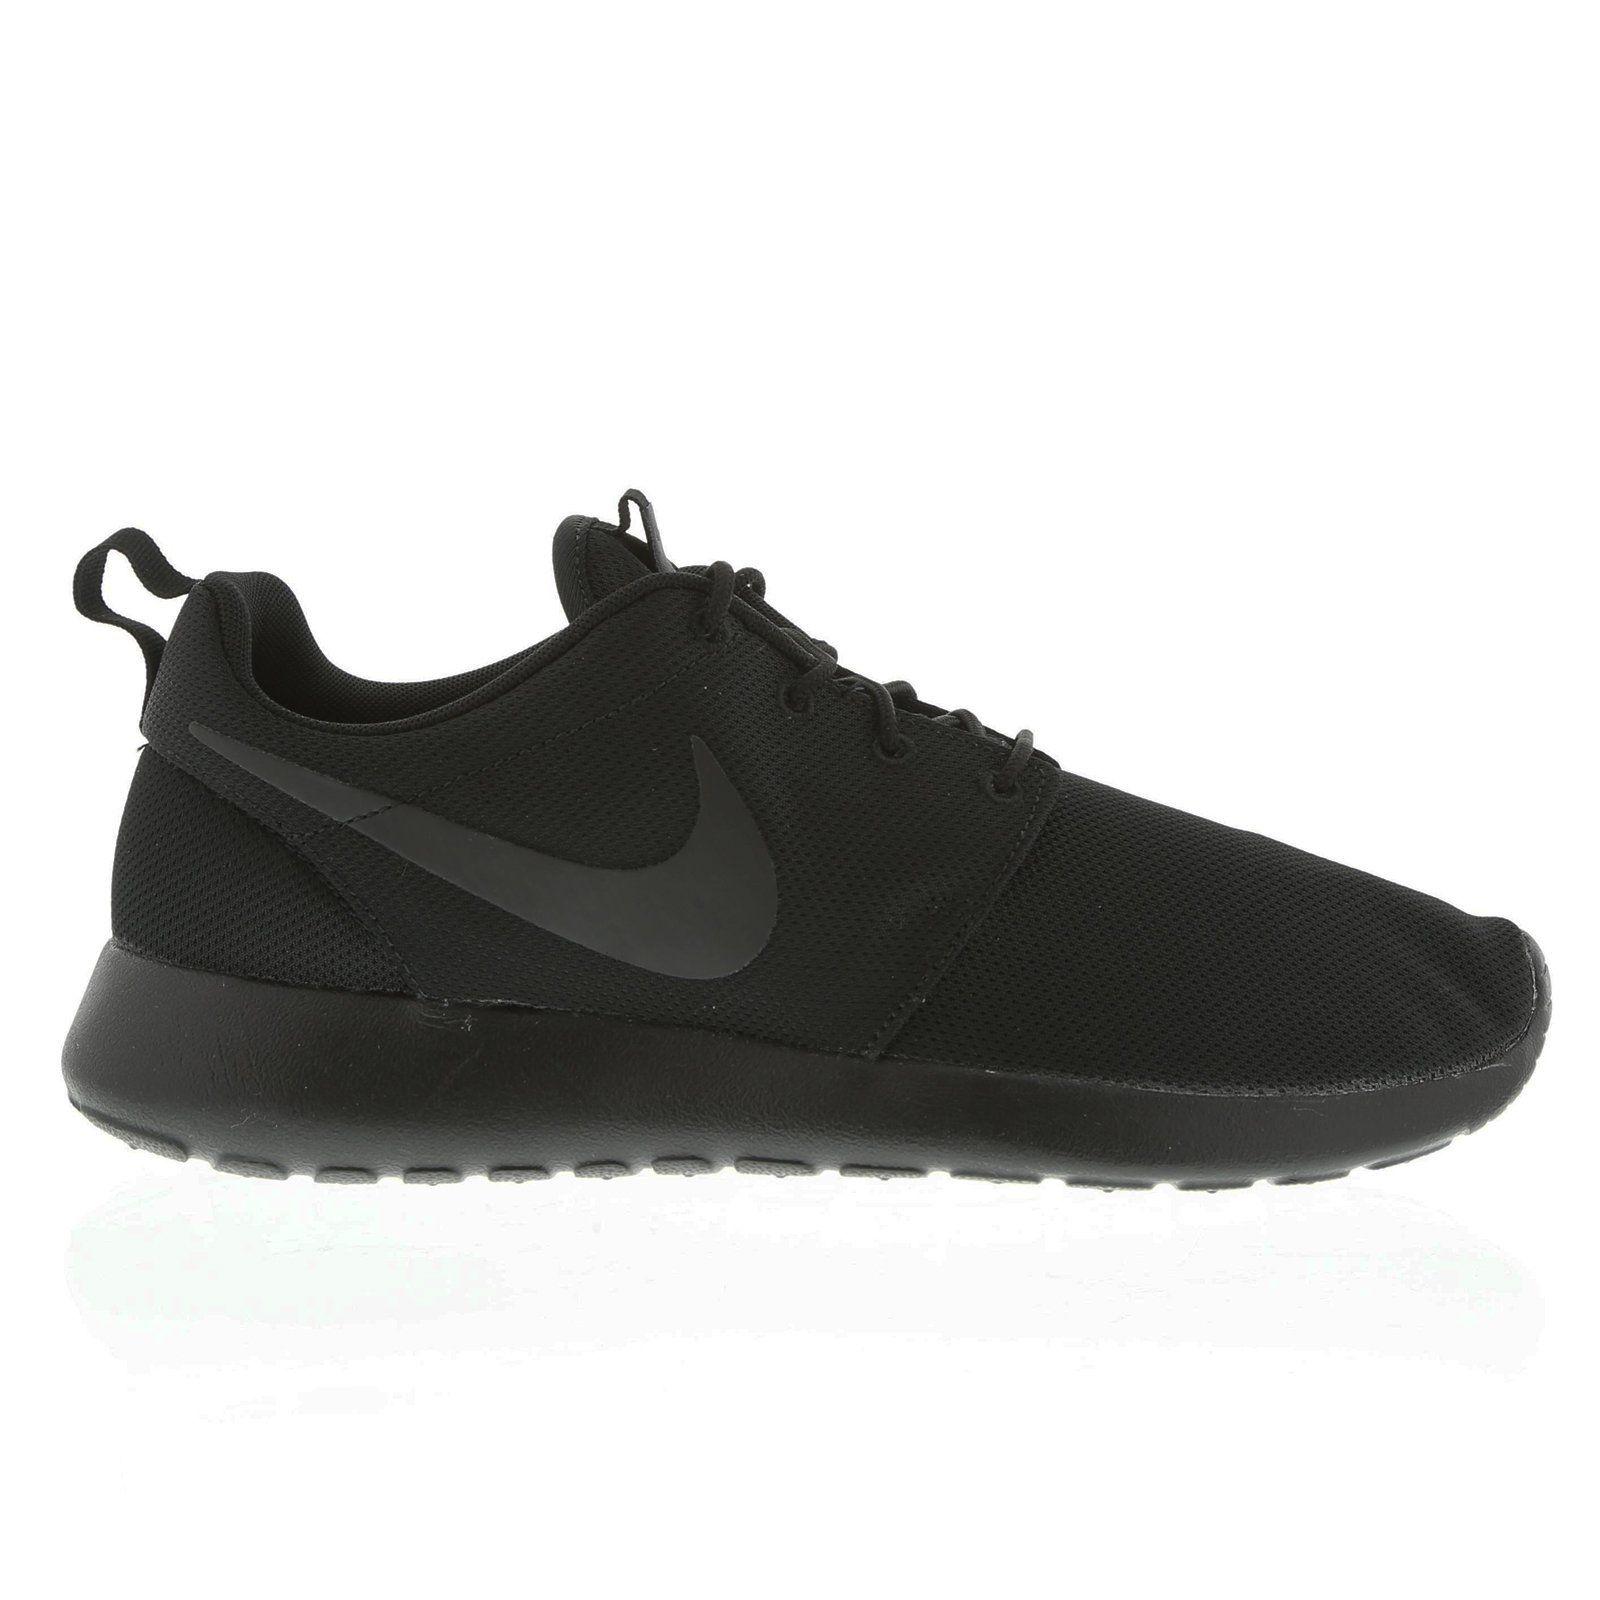 Nike Hommes Courir De Roshe Taille 8 Réduction obtenir authentique offre parfait sortie coût à vendre vente moins cher CXaA4